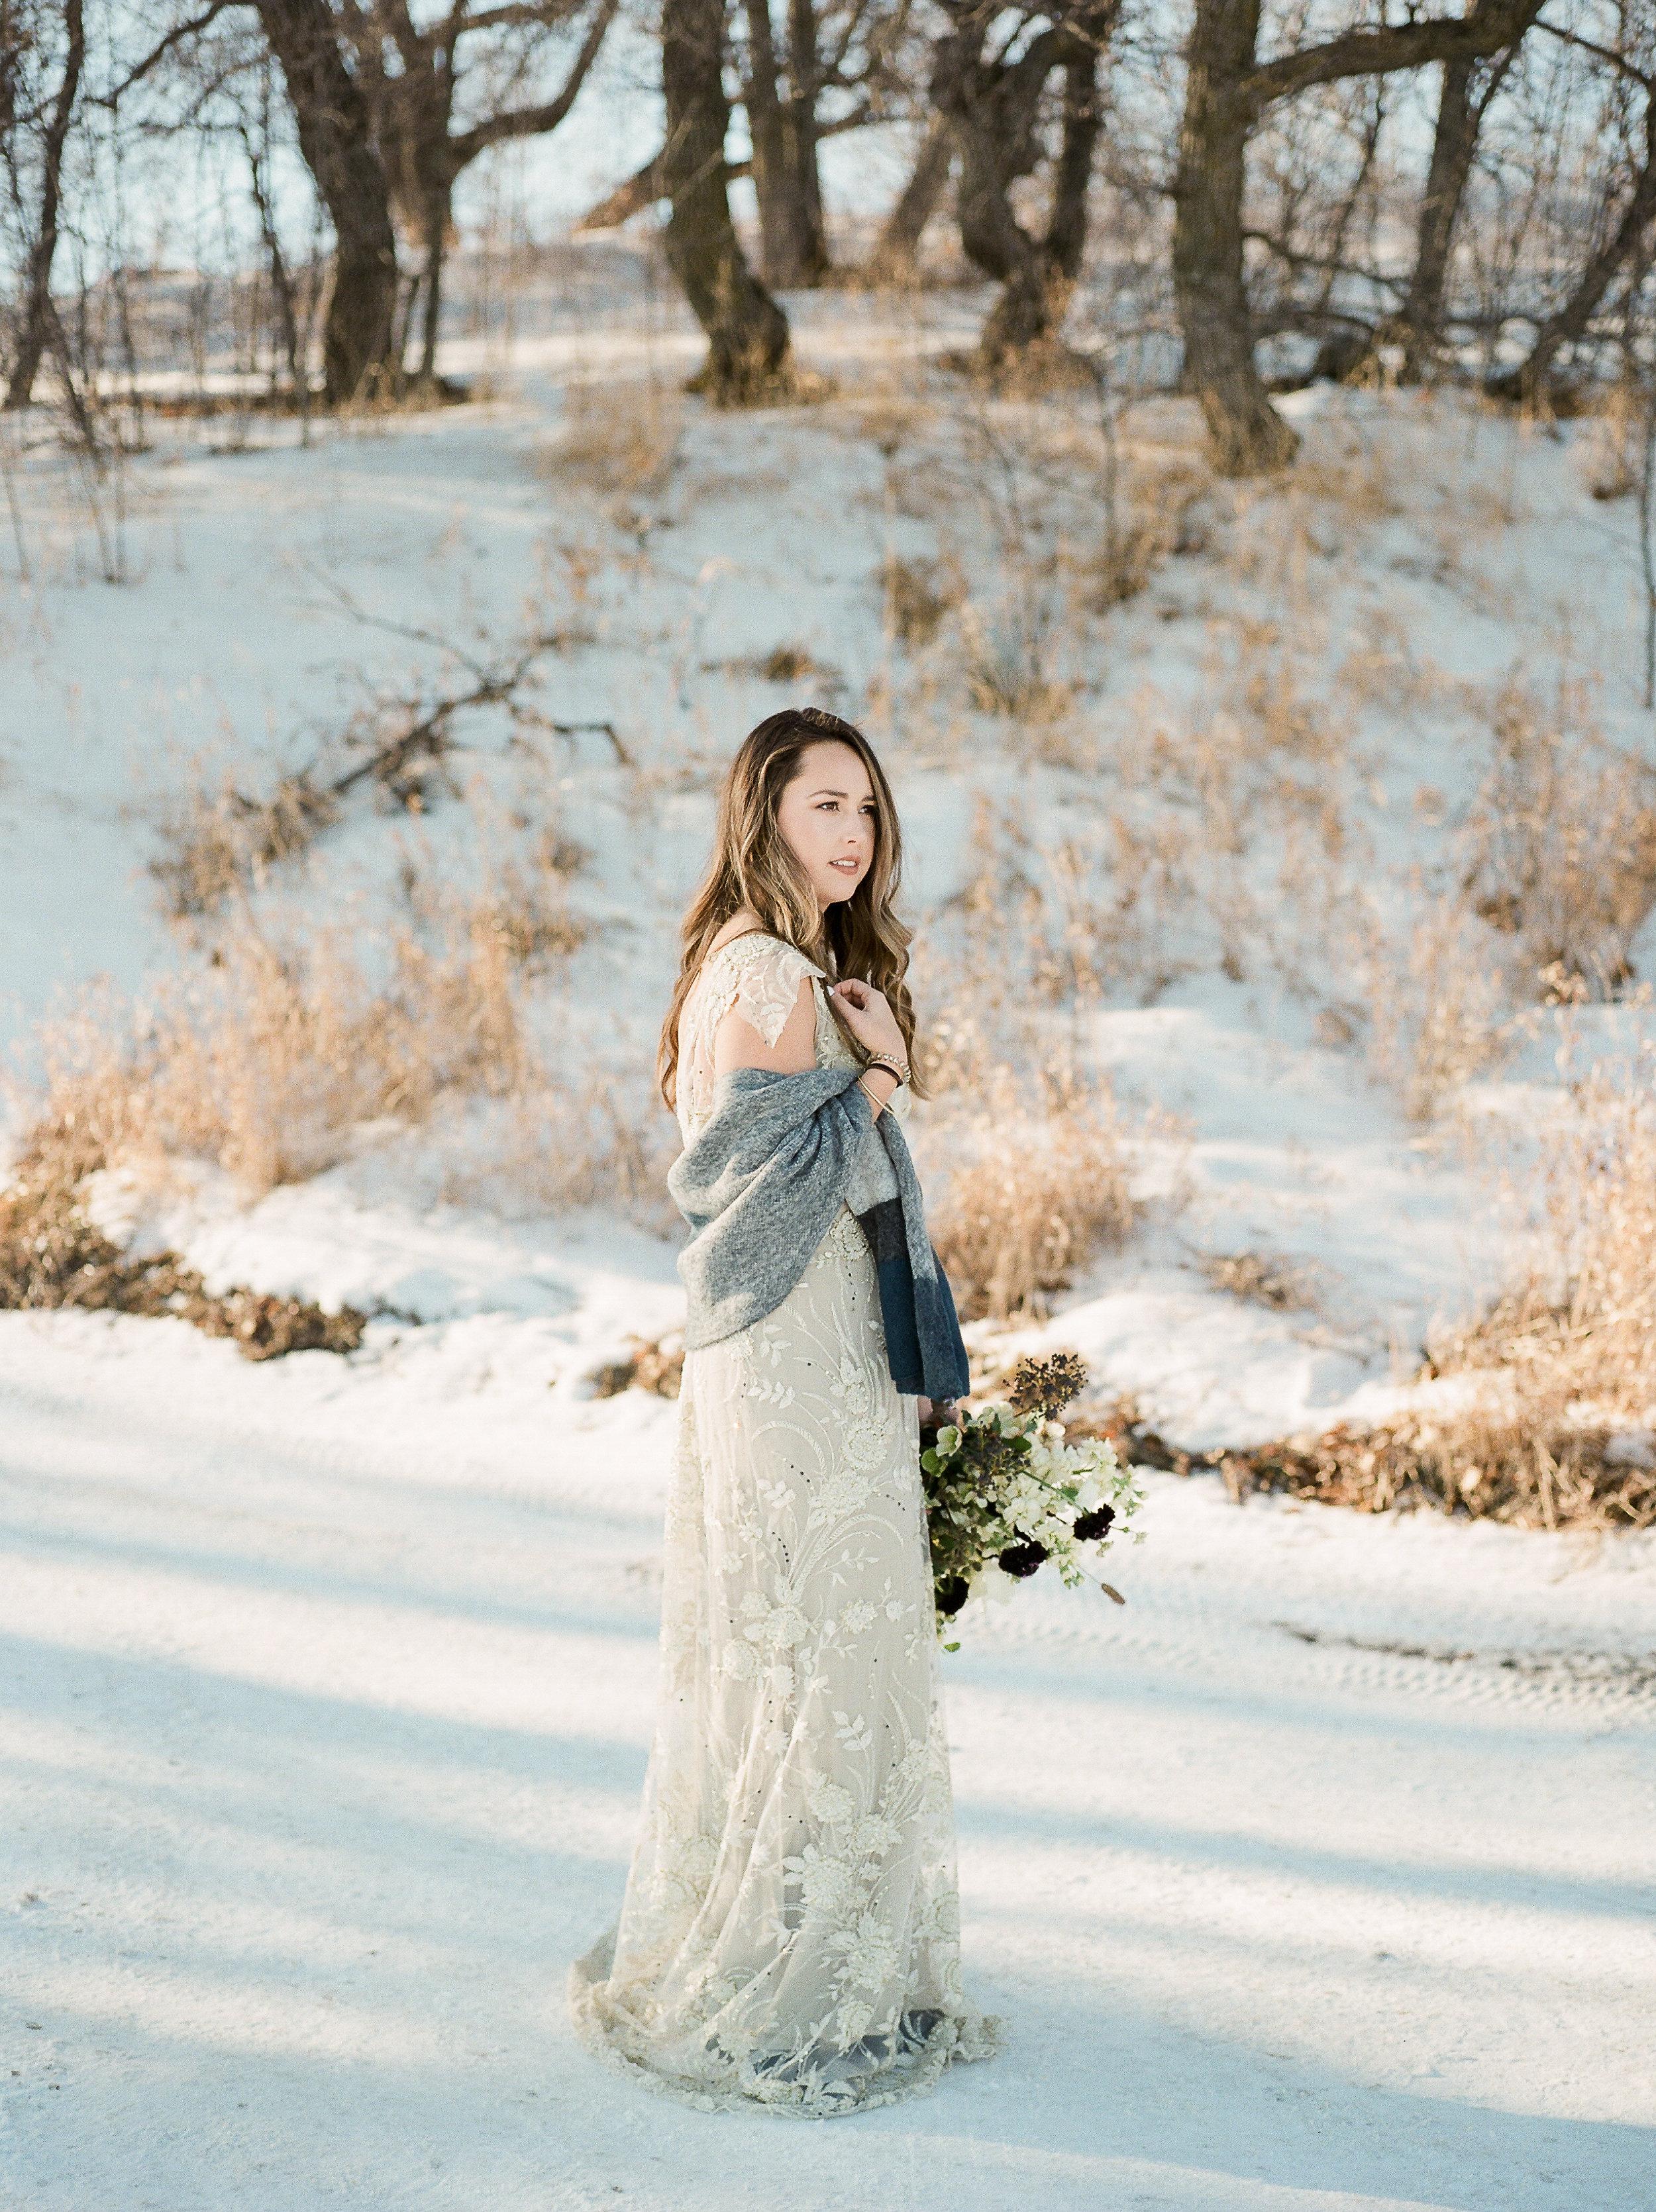 WinterStyledShoot-KMP036.JPG